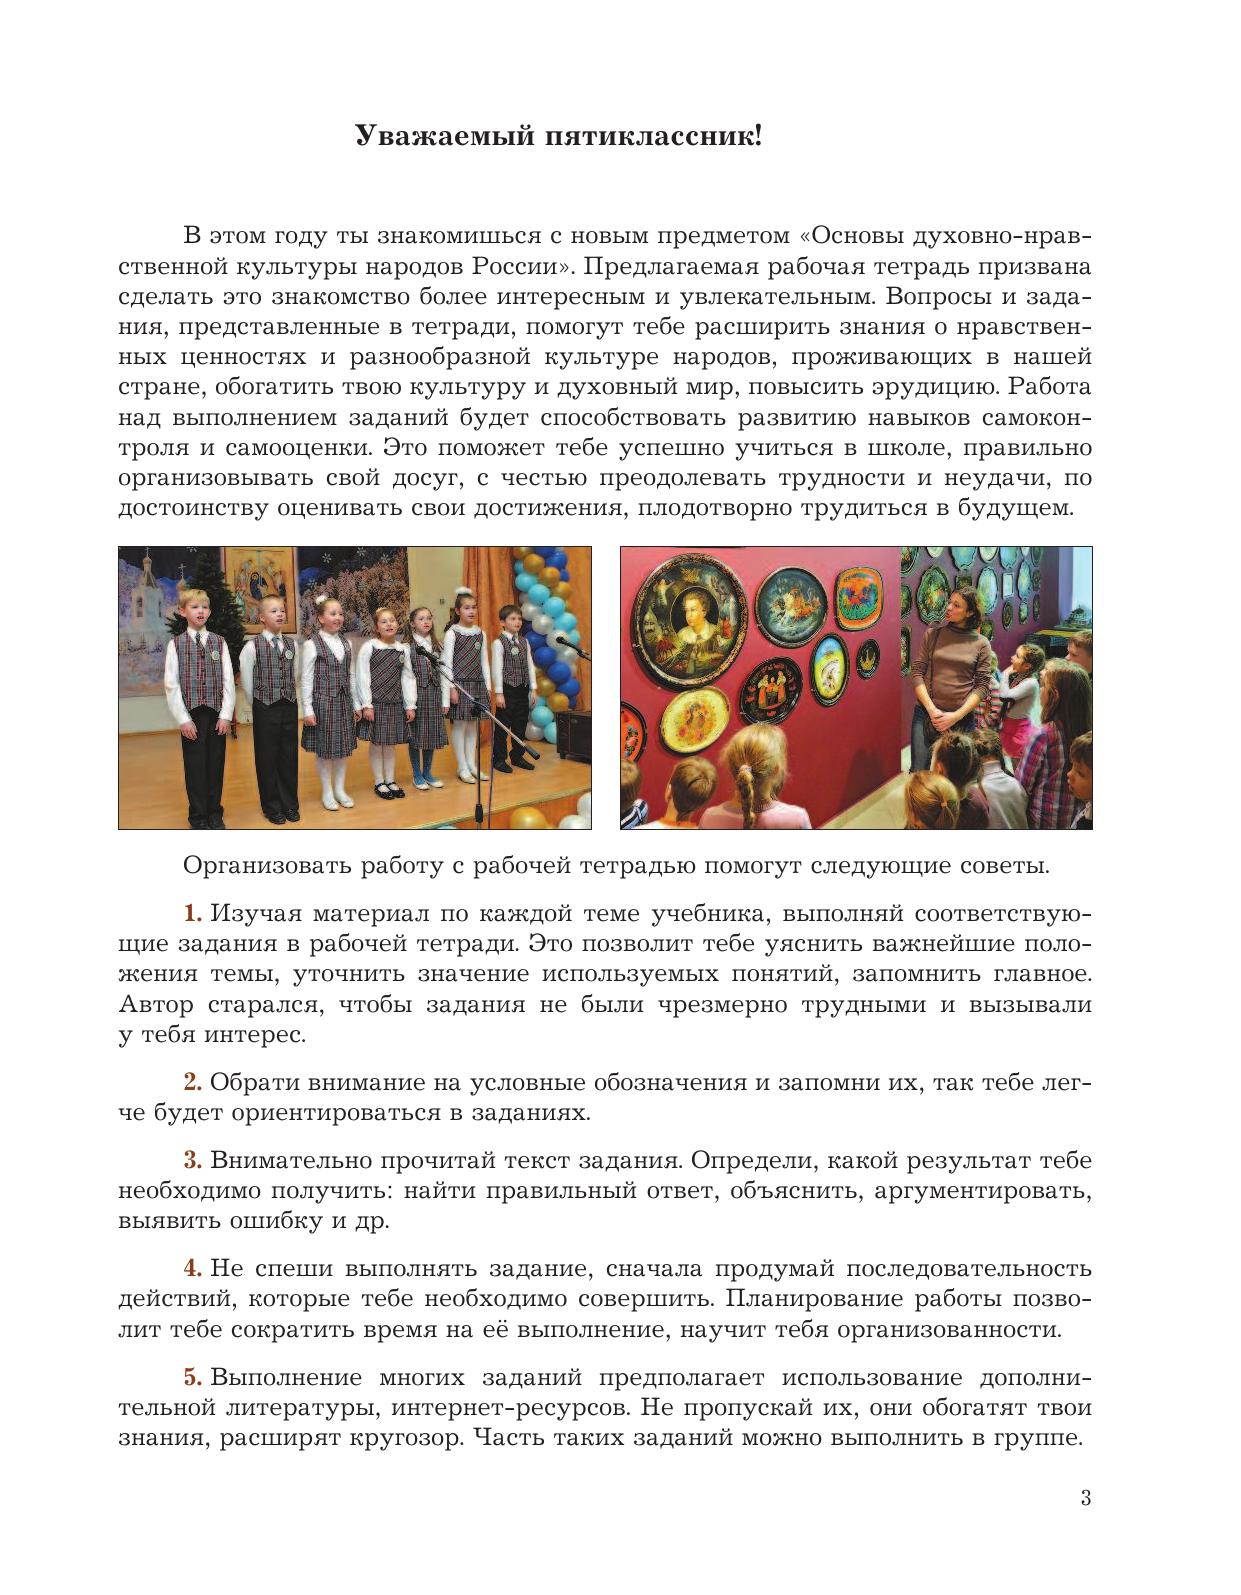 Гдз По Однкнр 5 Класс Виноградова Ответы На Вопросы